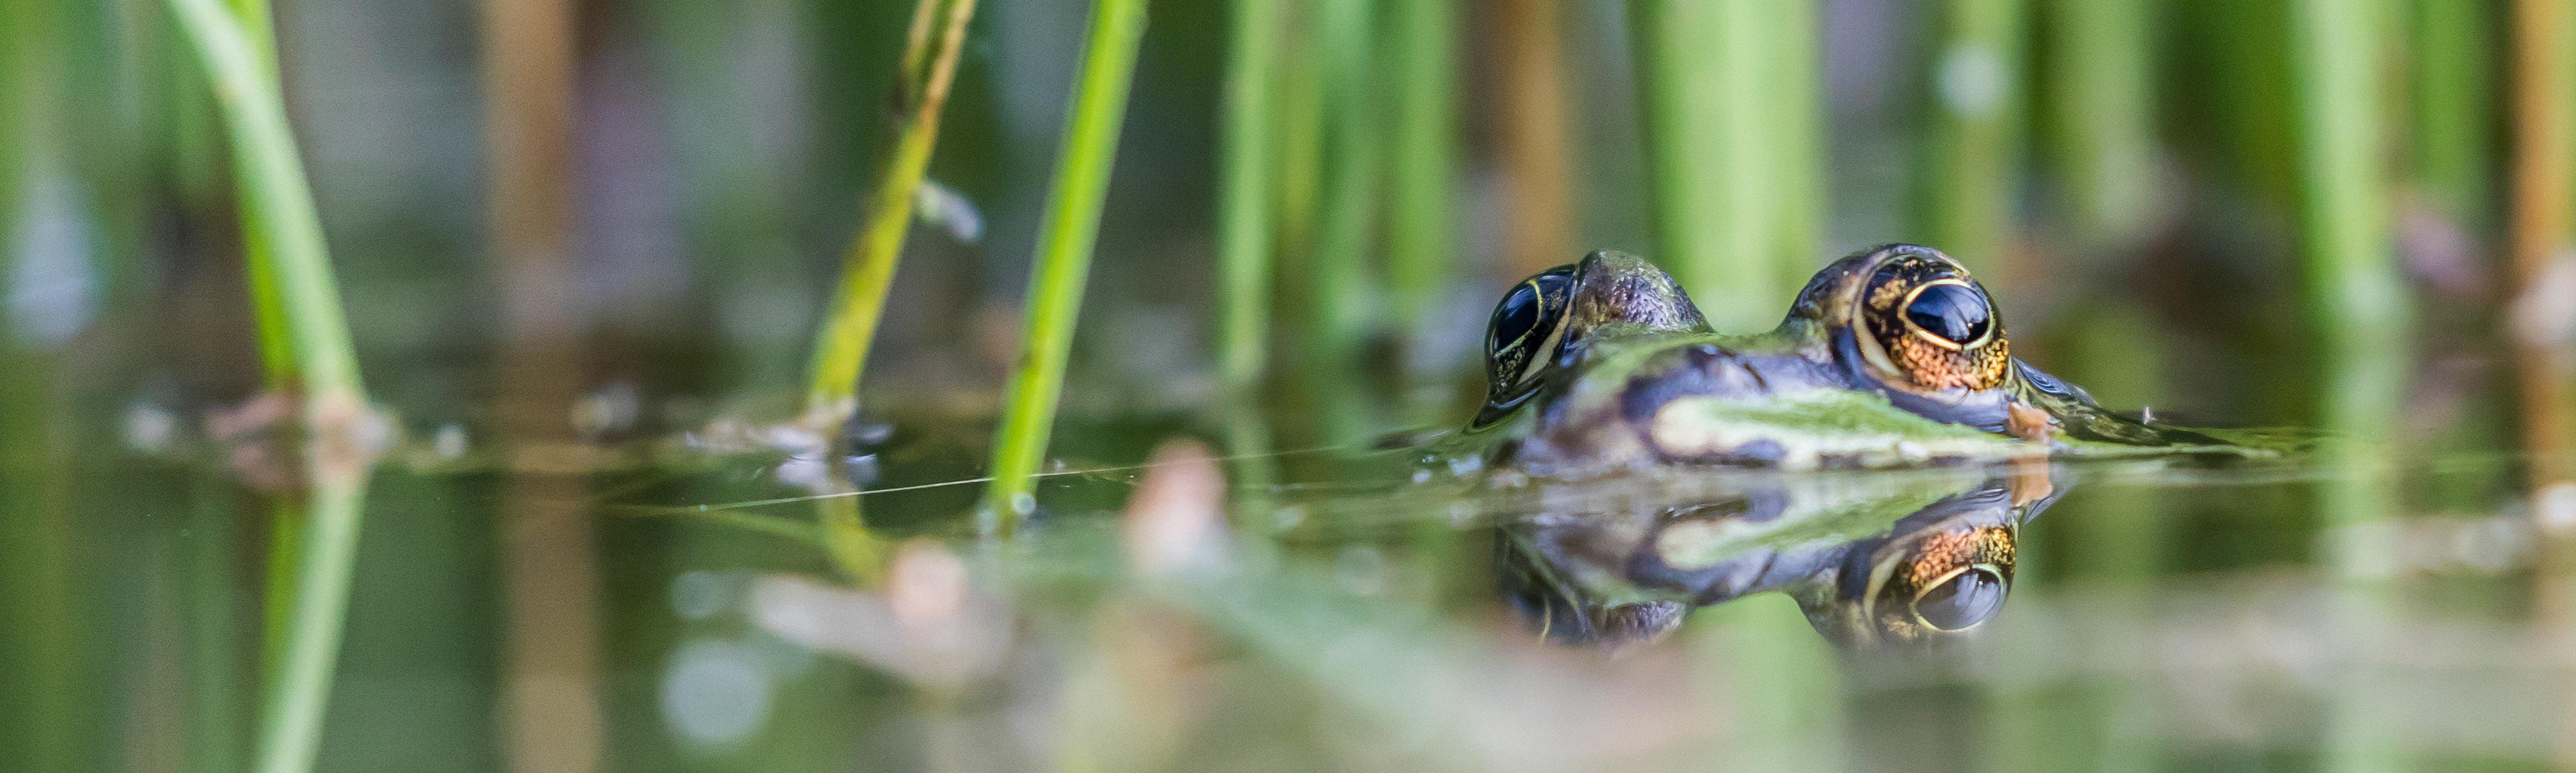 Sliderbild Frosch